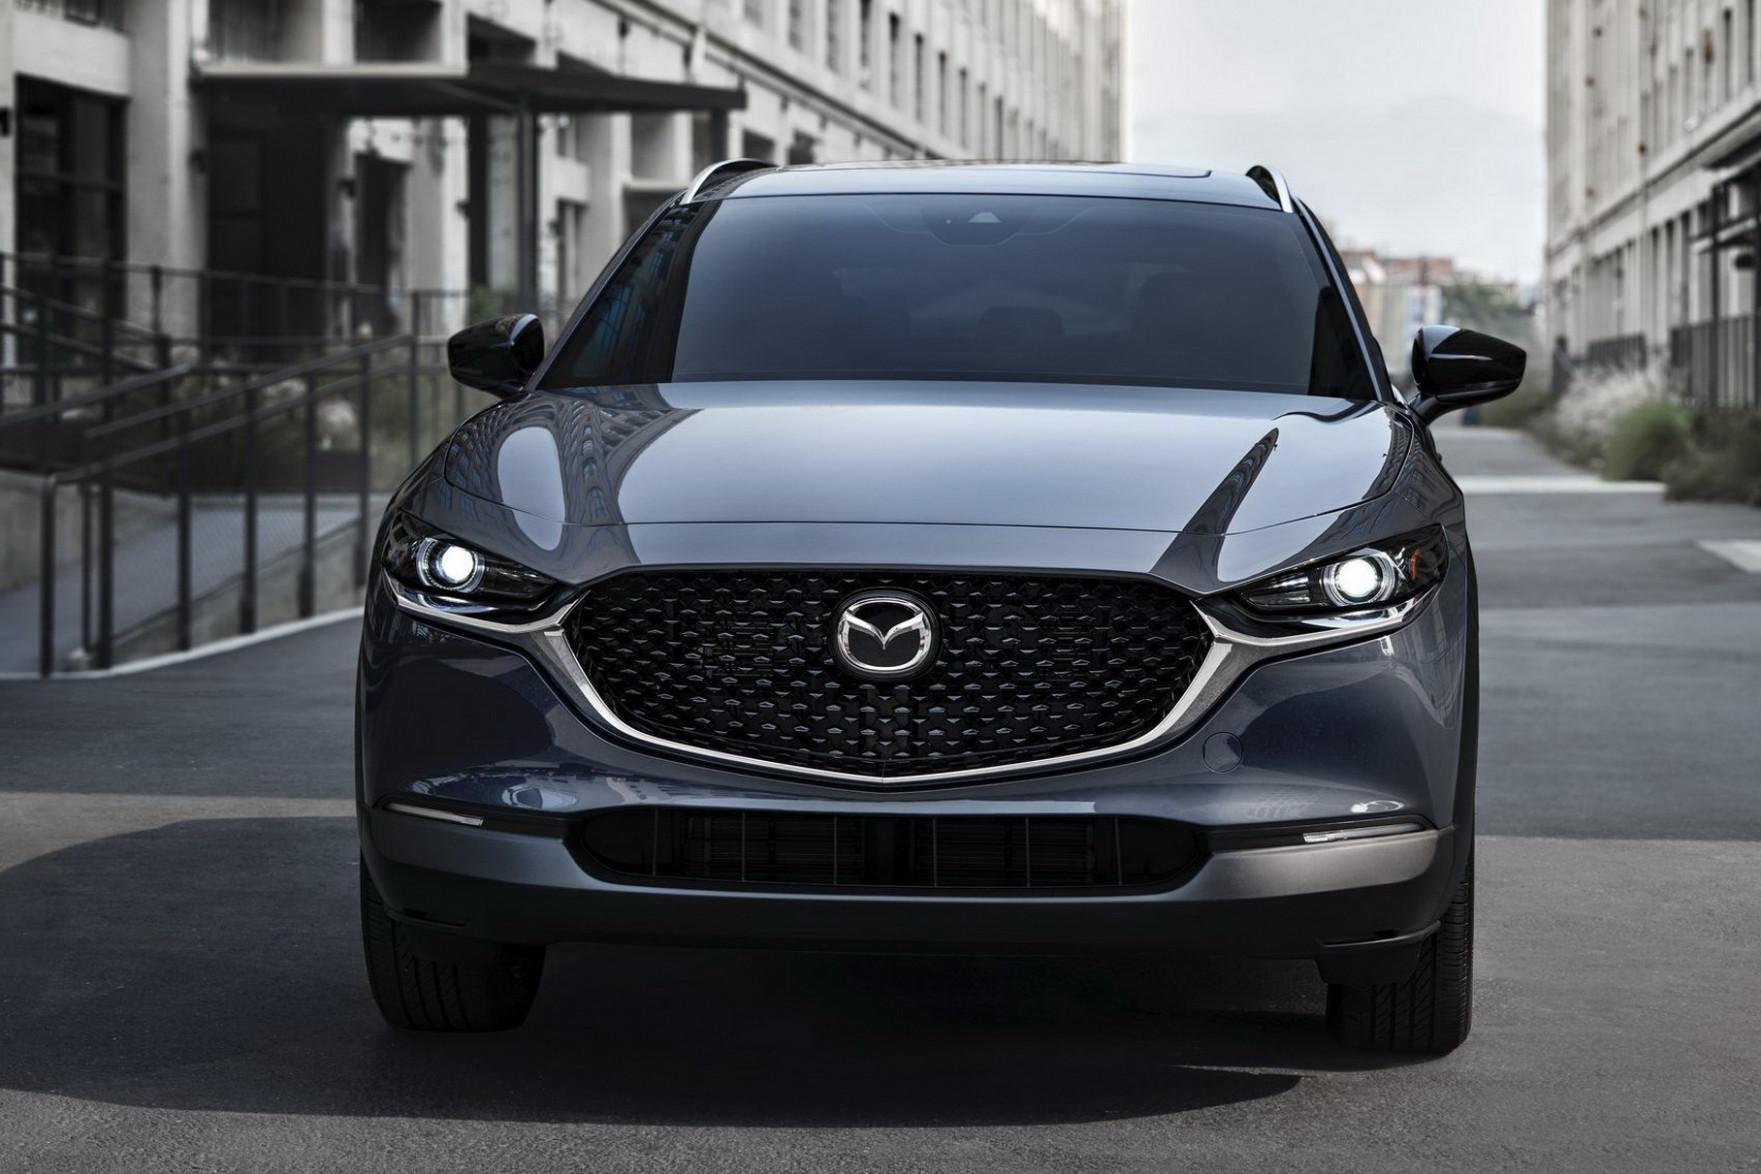 Specs Mazda Bt 50 Pro 2022